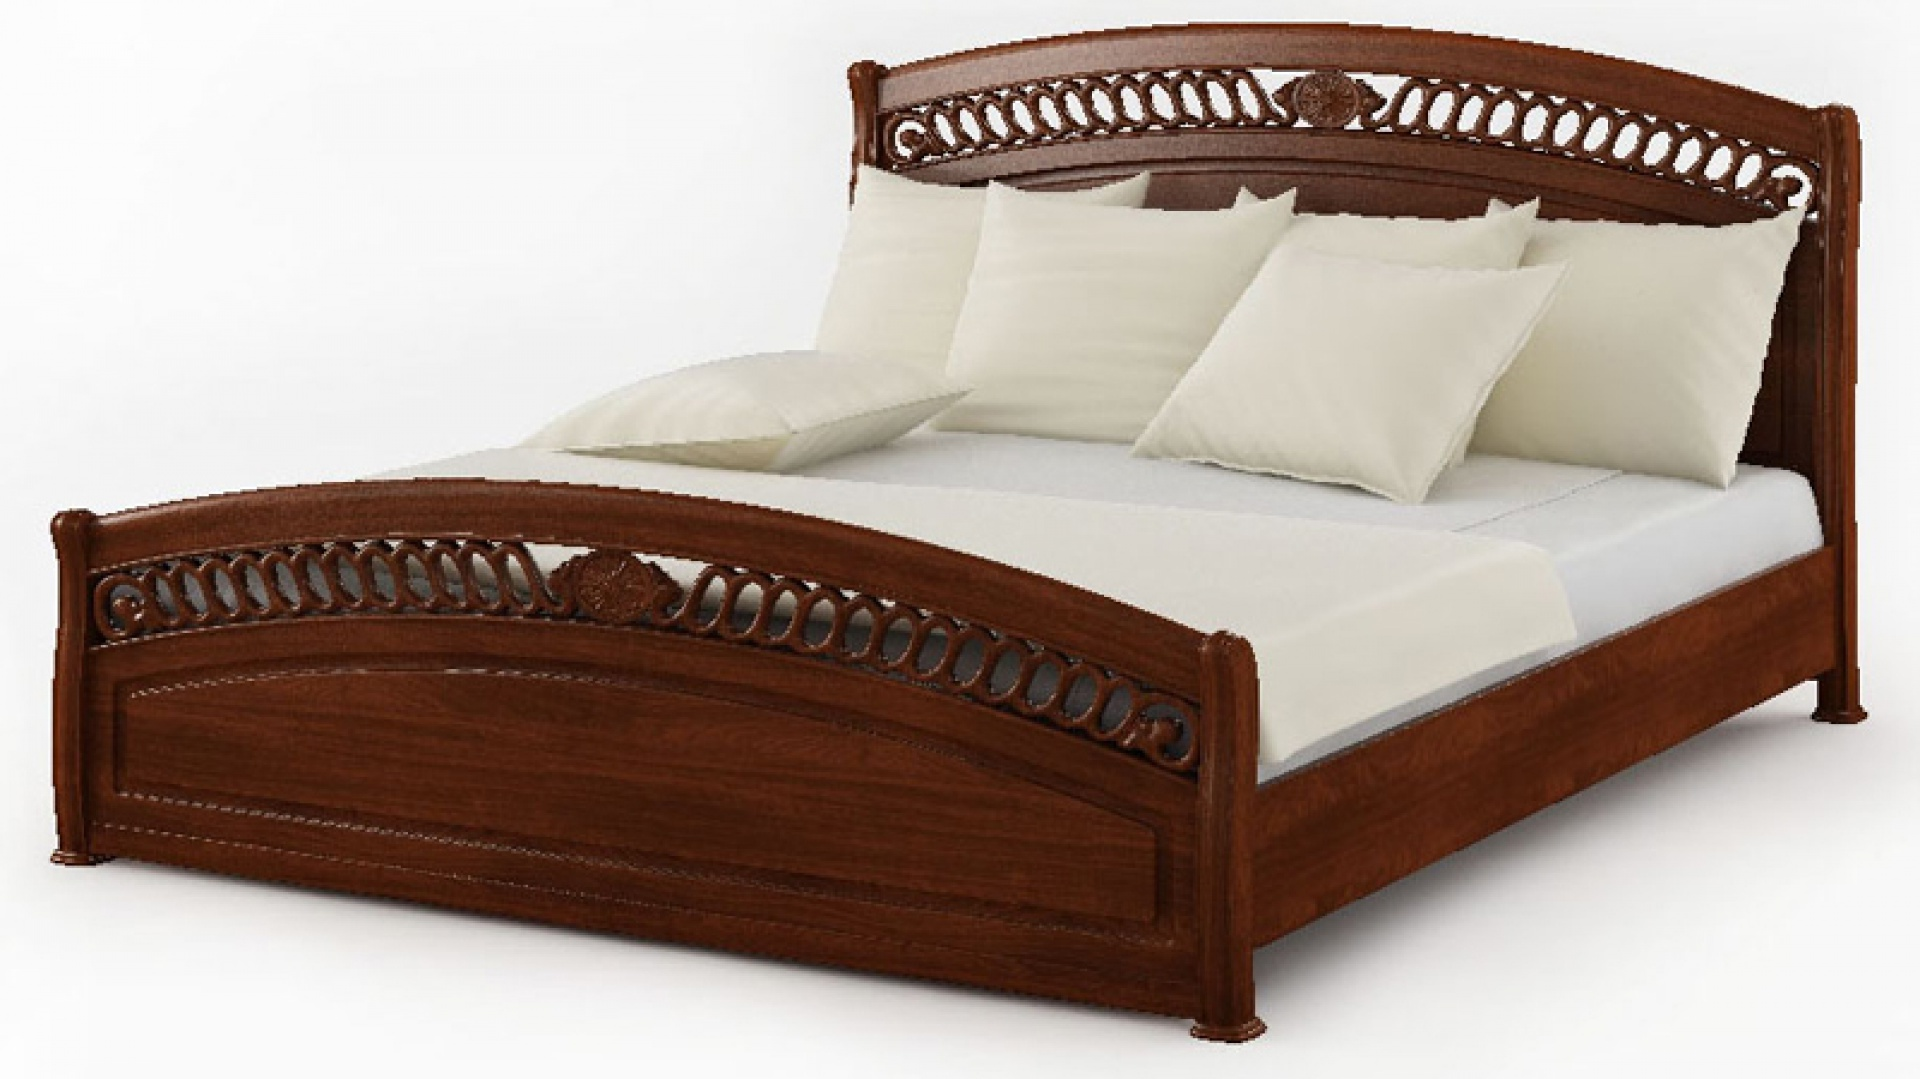 Wygodne łóżko Gwarancja Dobrego Snu